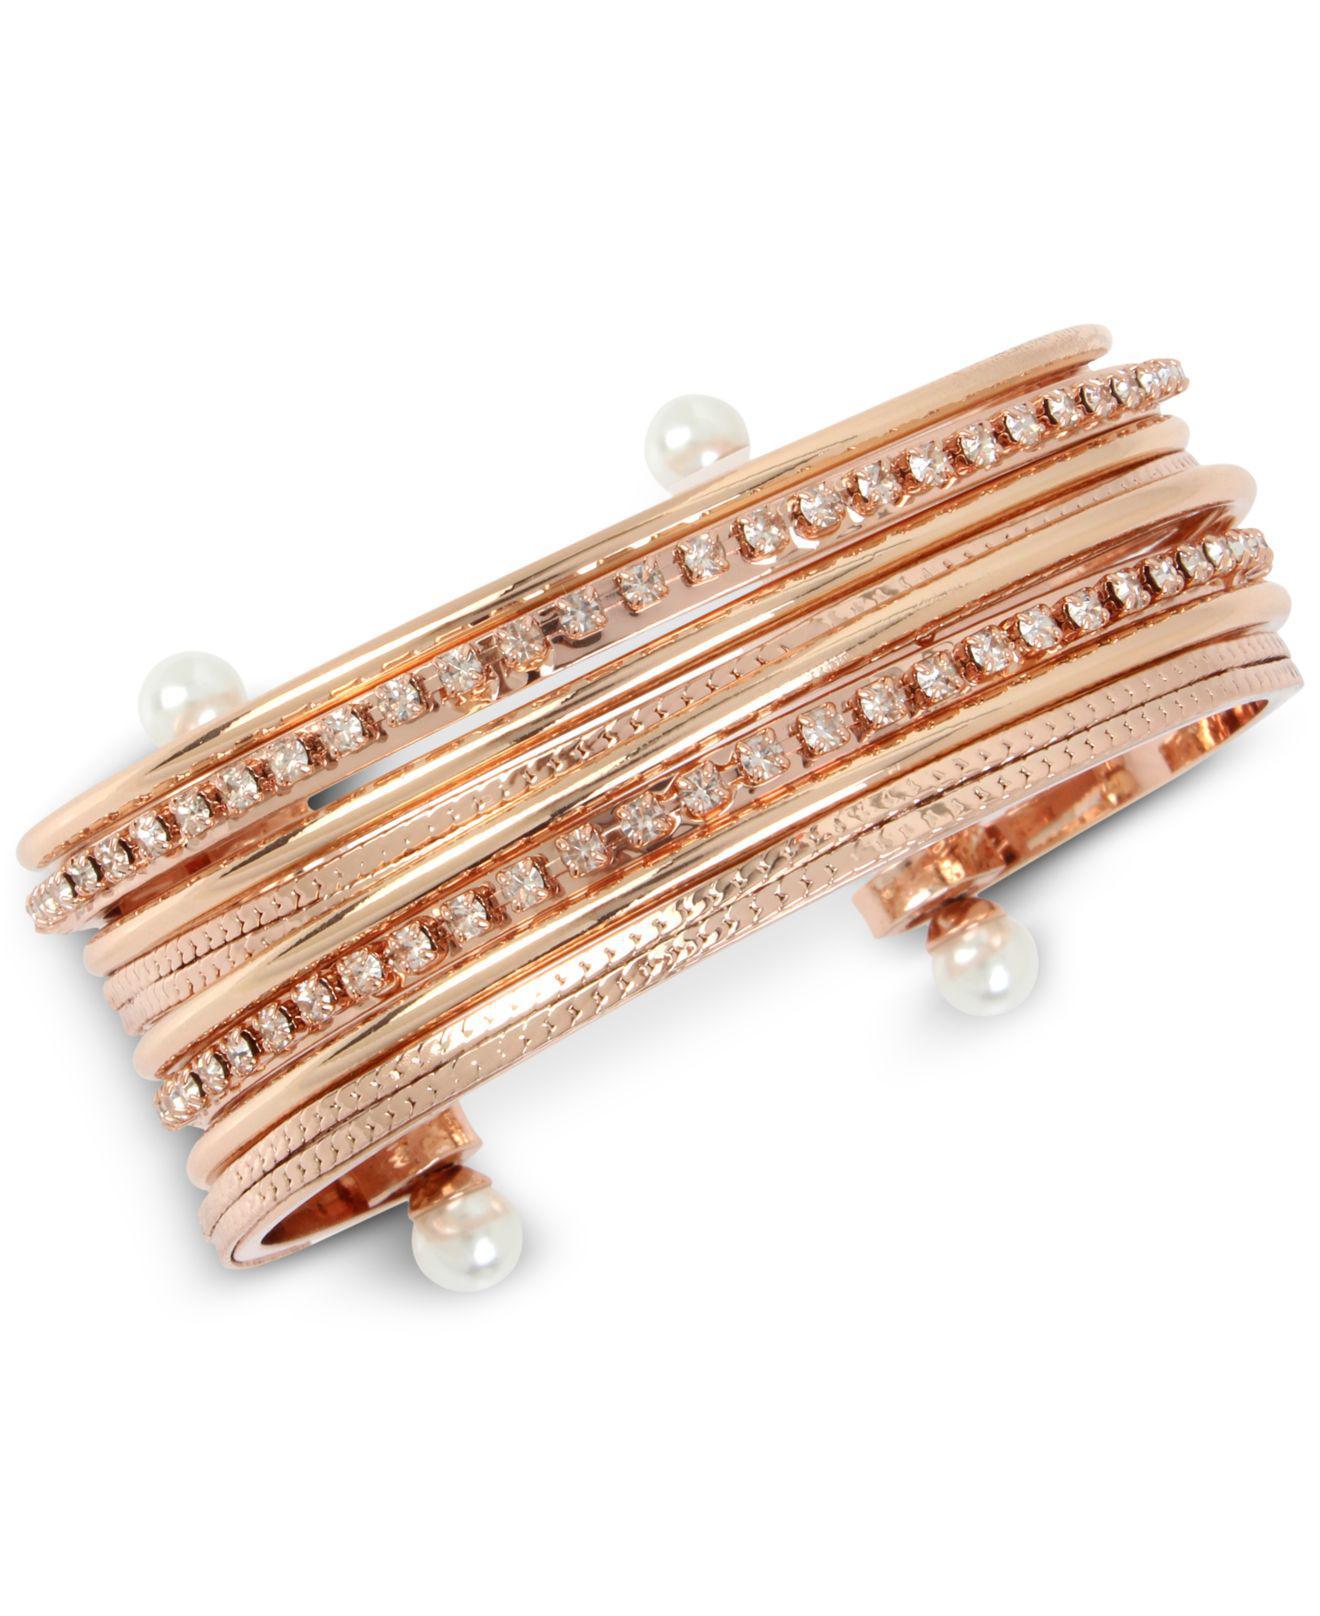 f93b5ff4292e Lyst - BCBGeneration Bcbg Crystal   Imitation Pearl Multi-row Cuff Bracelet  in Metallic